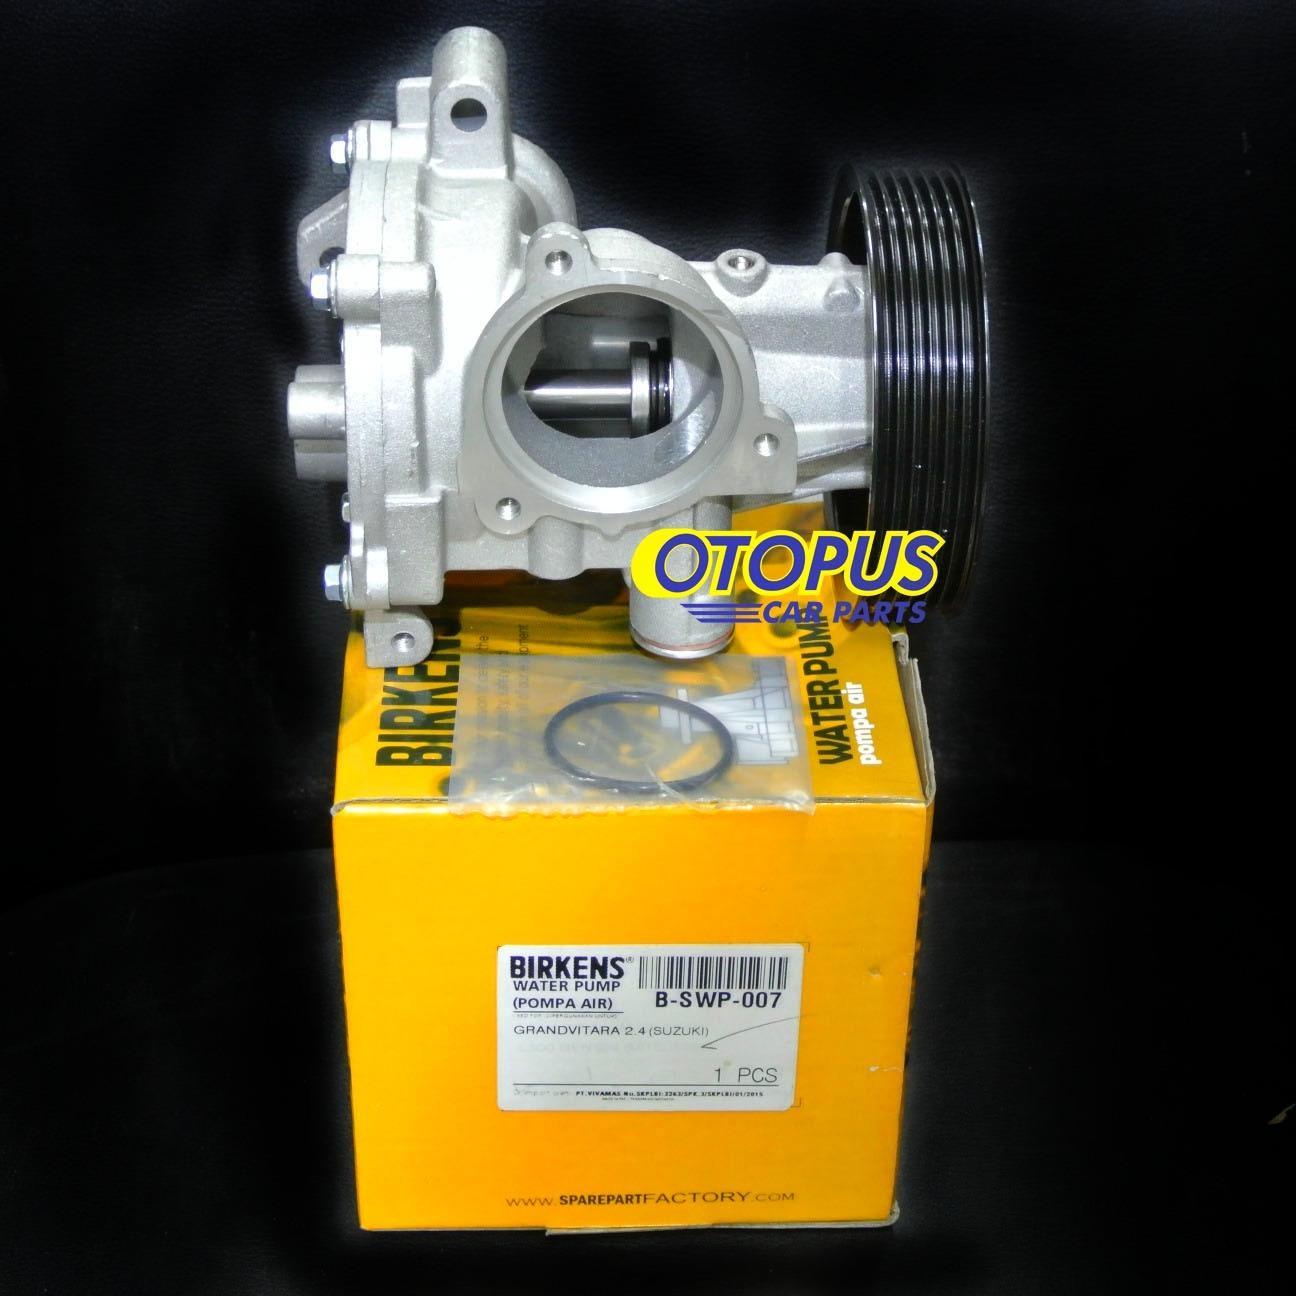 Water Pump Suzuki Grand Vitara 2.4 2008-2009 17400-78893-000 Pompa Air Grand Vitara 2.4